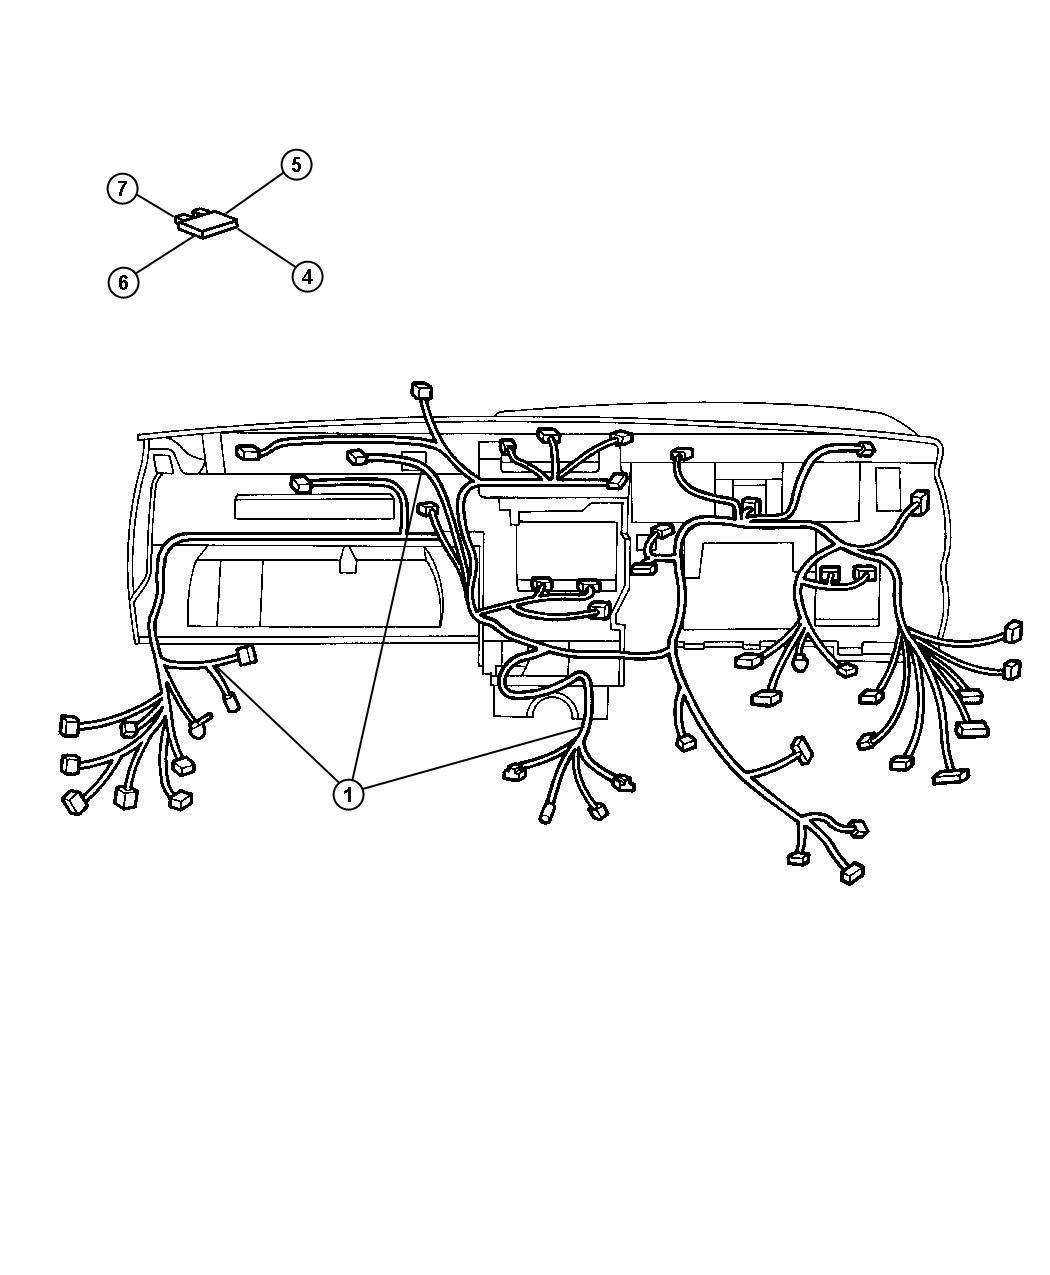 04604235 - Breaker. Circuit. Power seat, power window. [20 ...